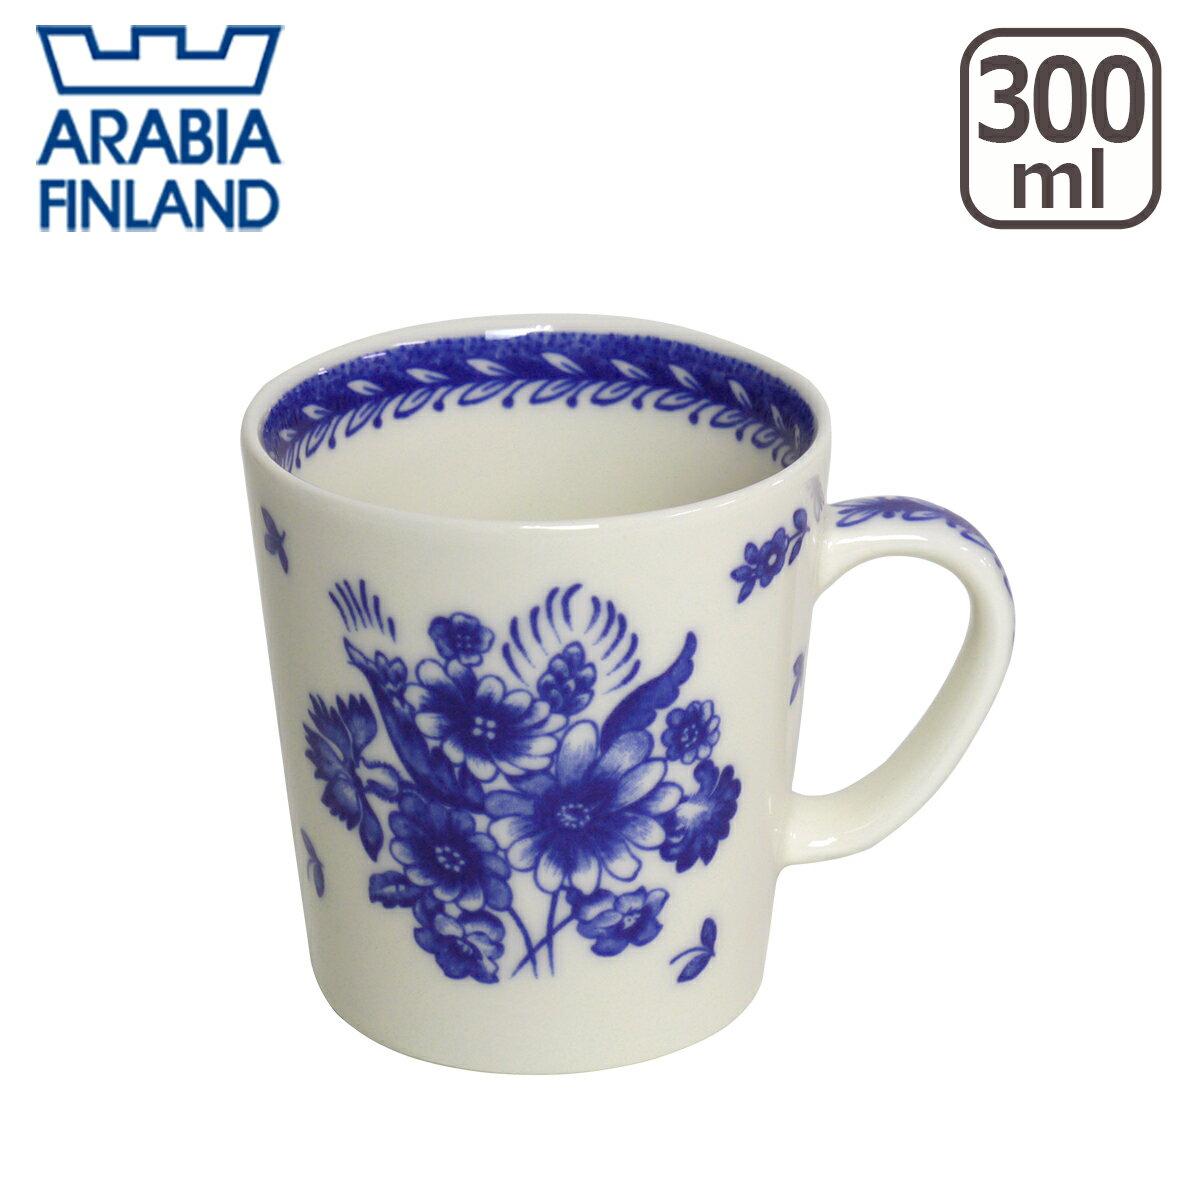 【Max1,000円OFFクーポン】アラビア(Arabia) フィンランド100 記念マグ 300ml SUOMEN KUKKA(スオメン クッカ) 1941 マグカップ 北欧 フィンランド 食器 ギフト・のし可